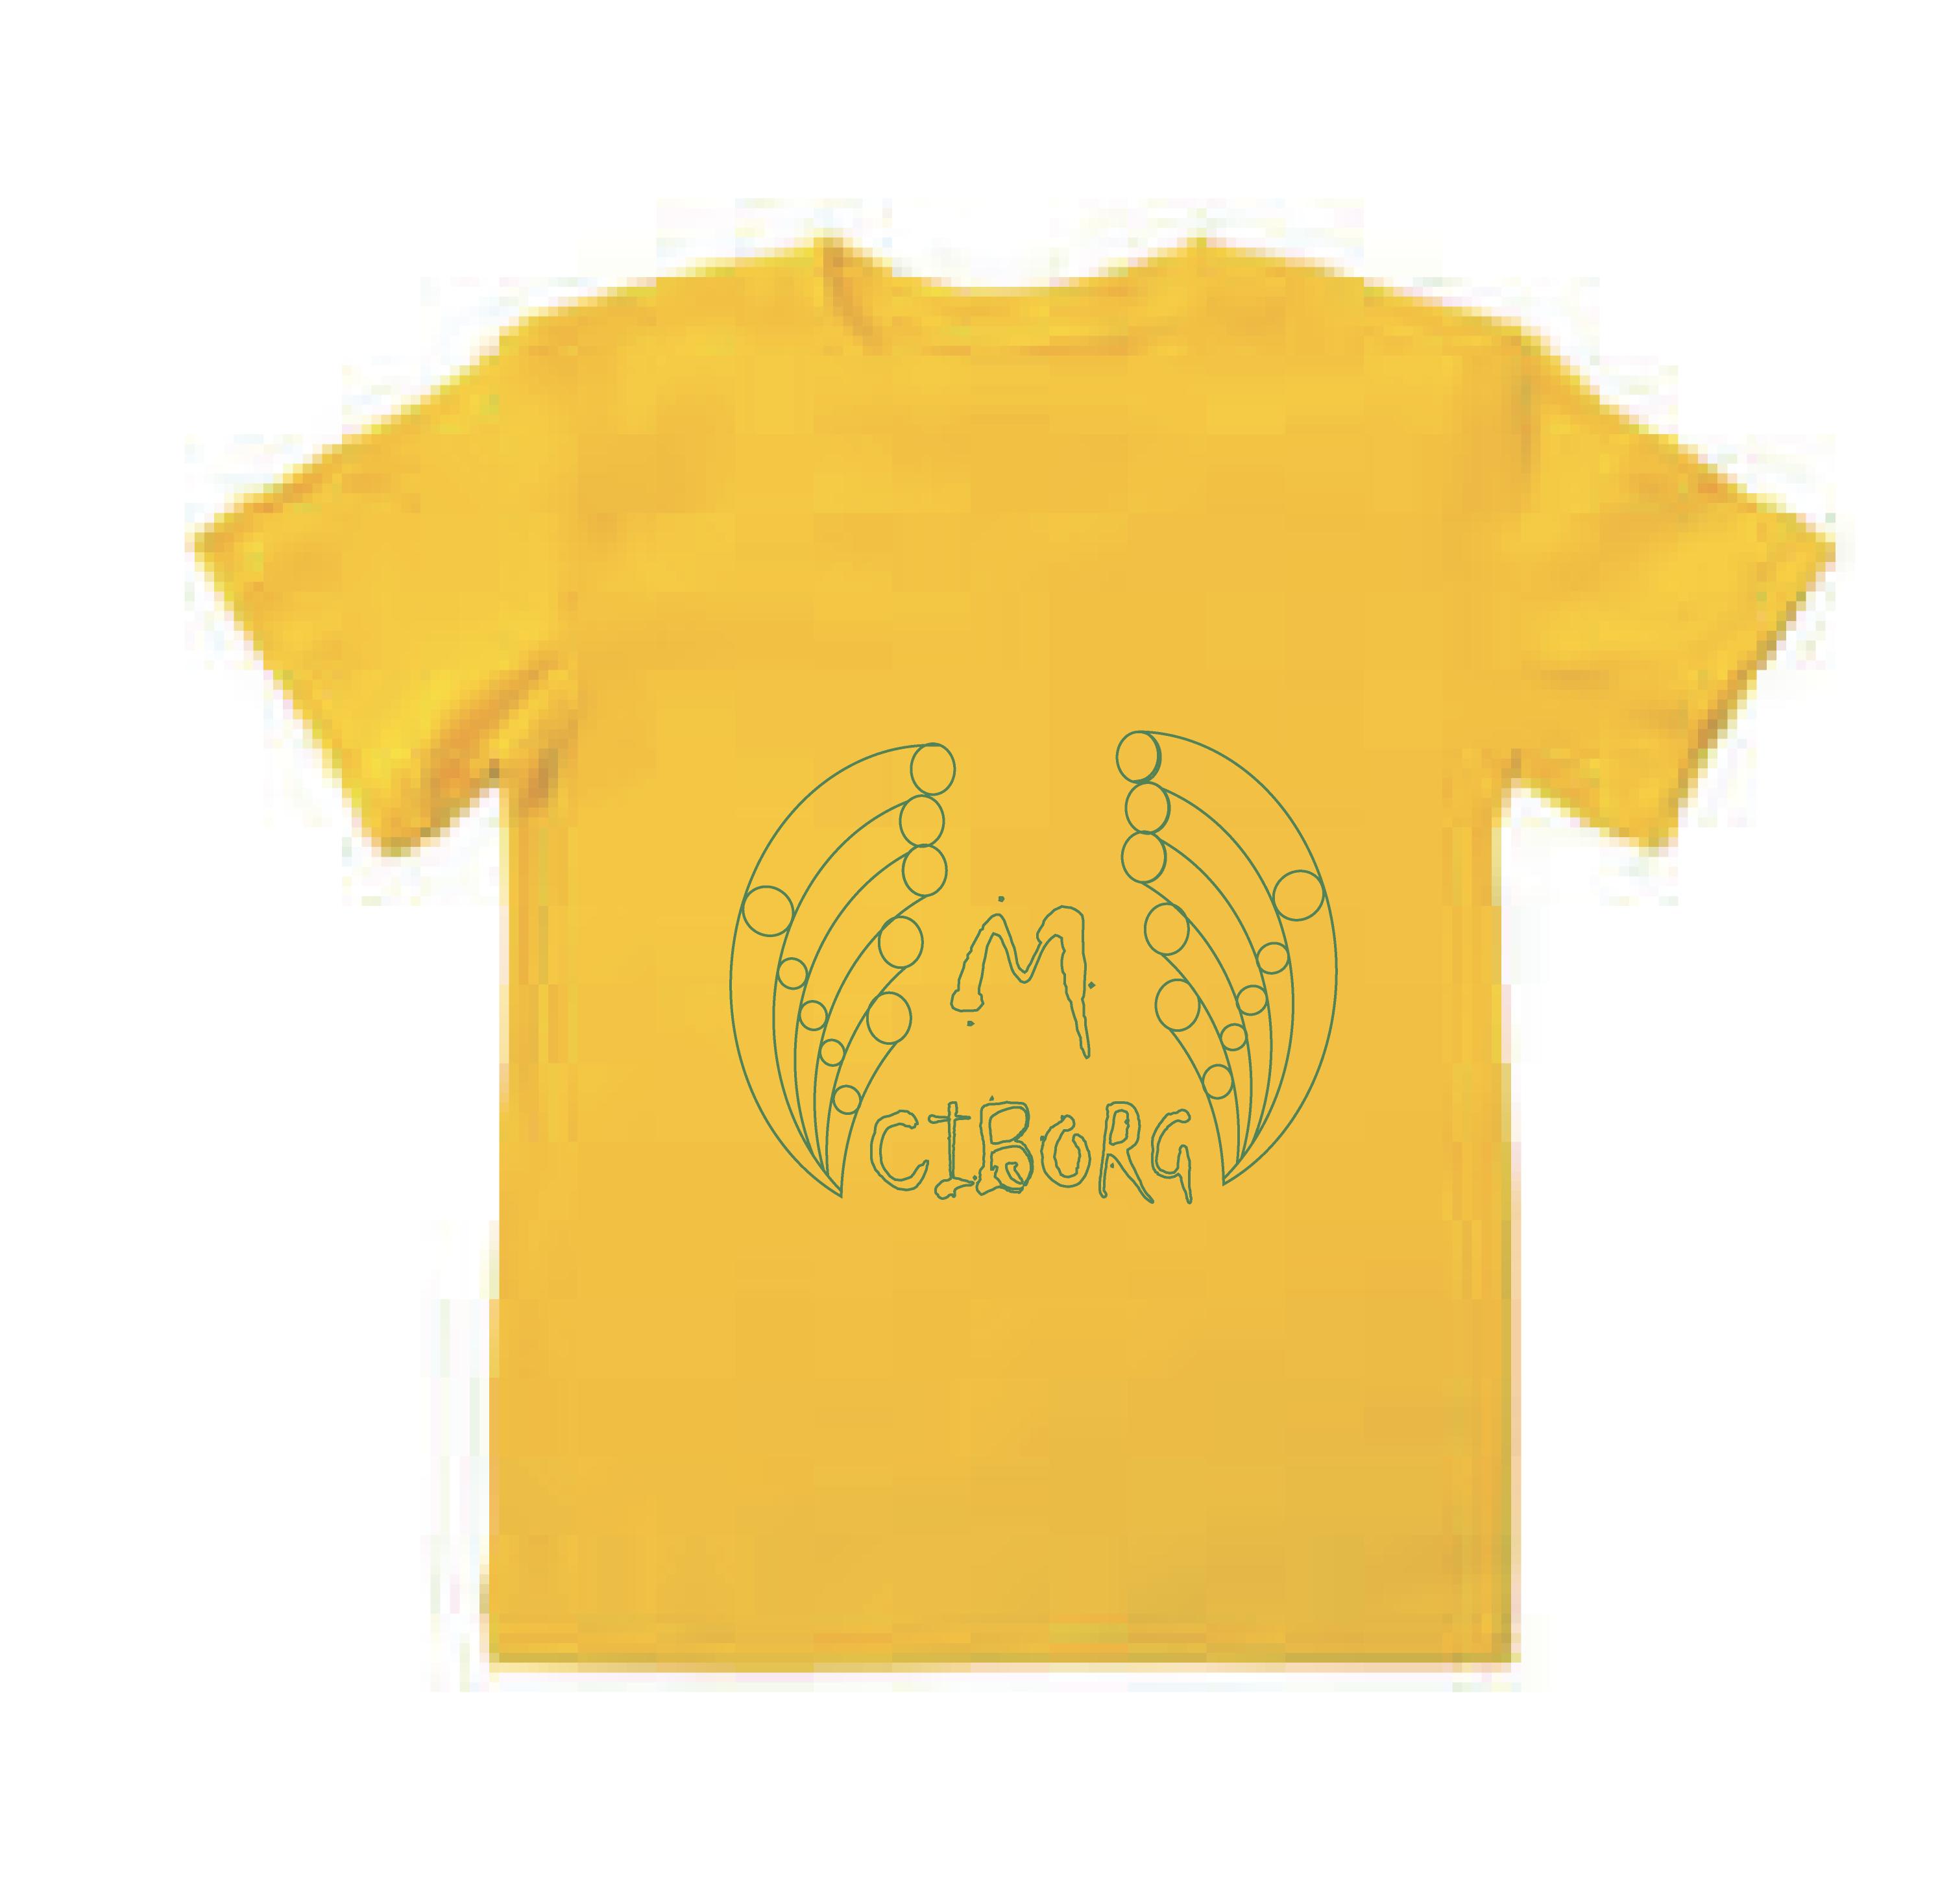 Нарисовать принты на футболки для компании Моторика фото f_19360a1bce4099d5.png